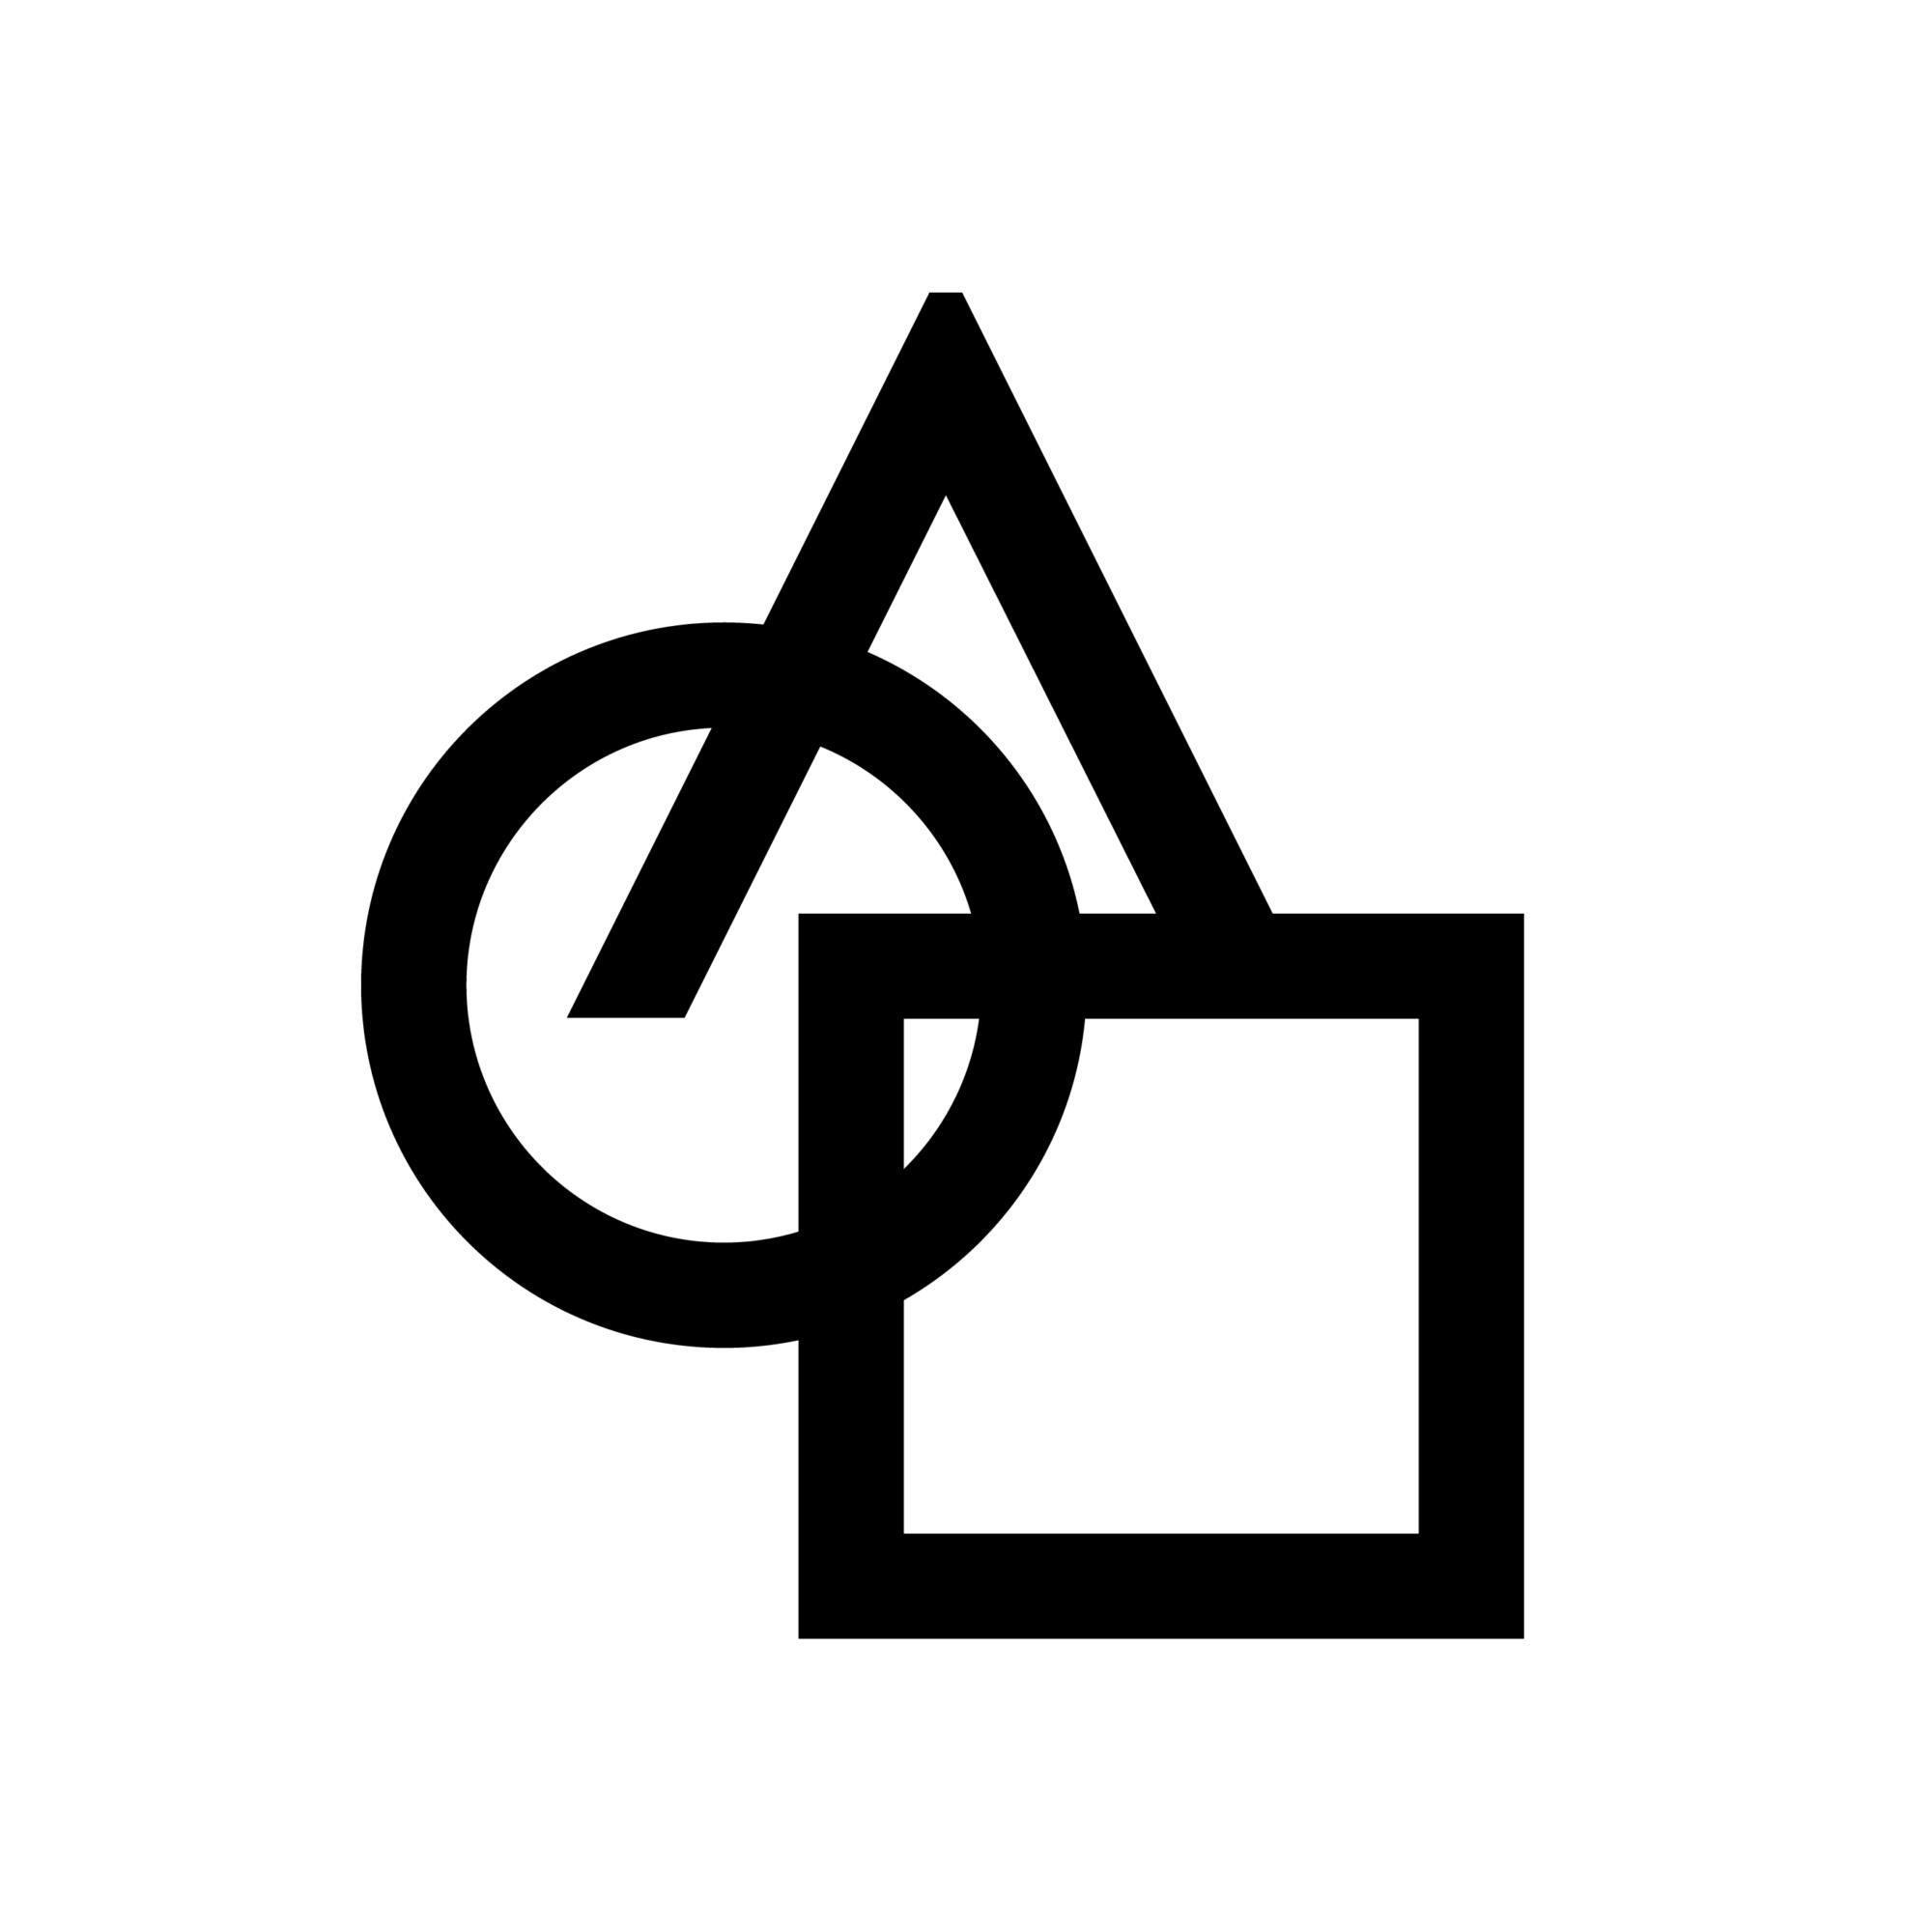 AOE-2